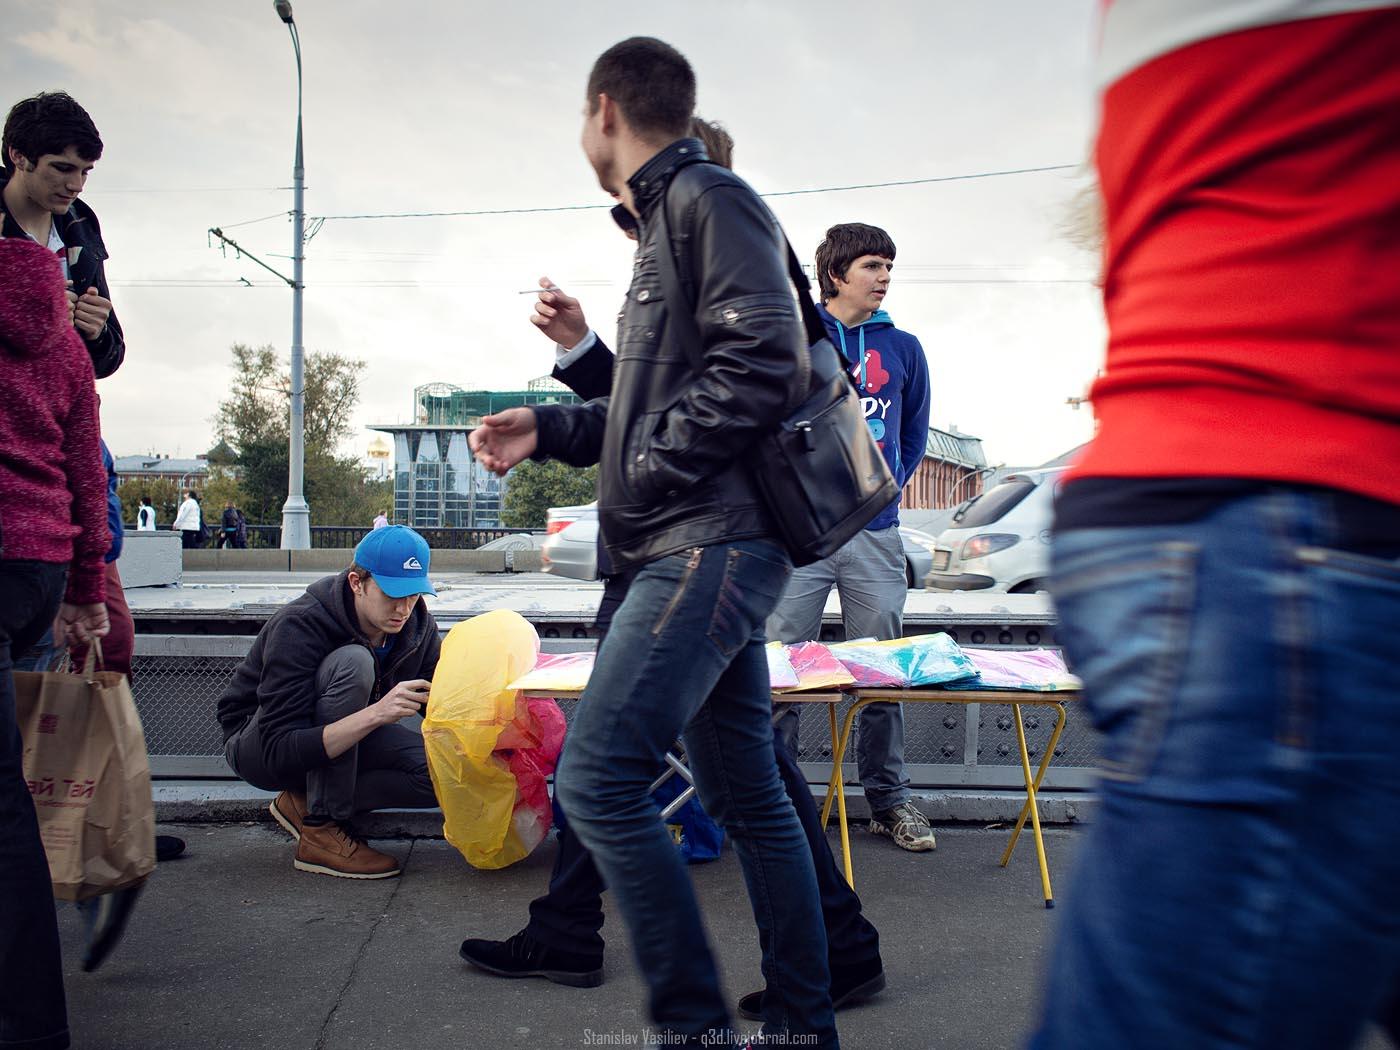 День города - Москва - 2013 - #061